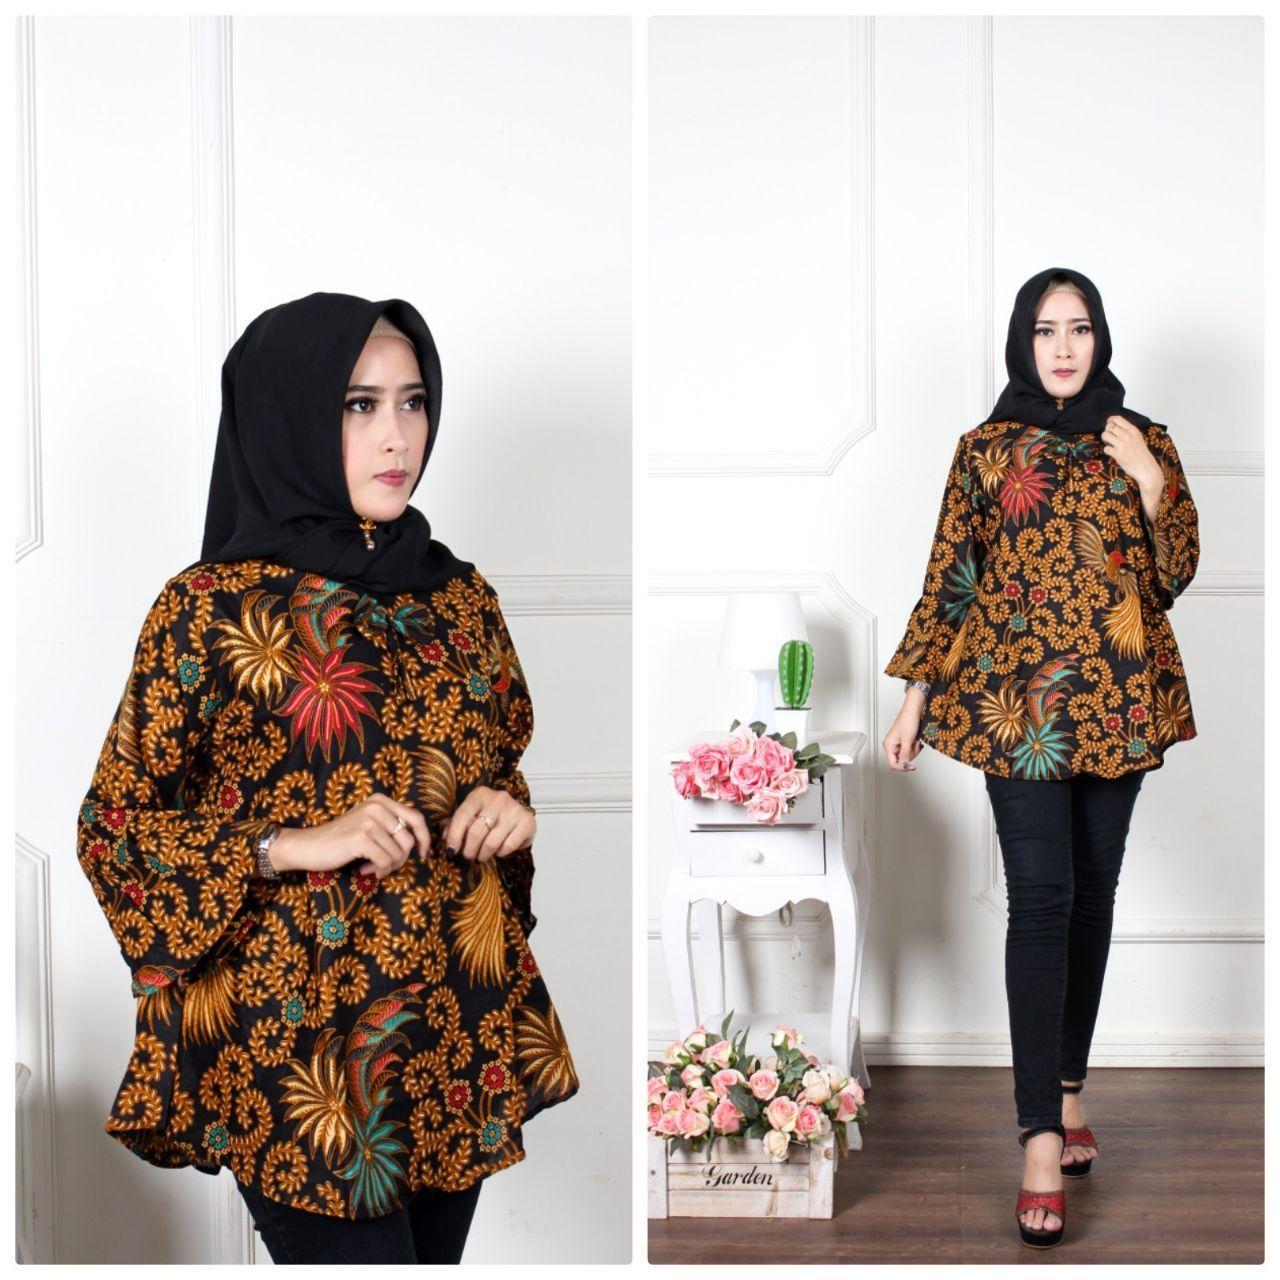 Daftar Harga Batik Guru Wanita Modern Termurah - Batik Indonesia efbd3520a6